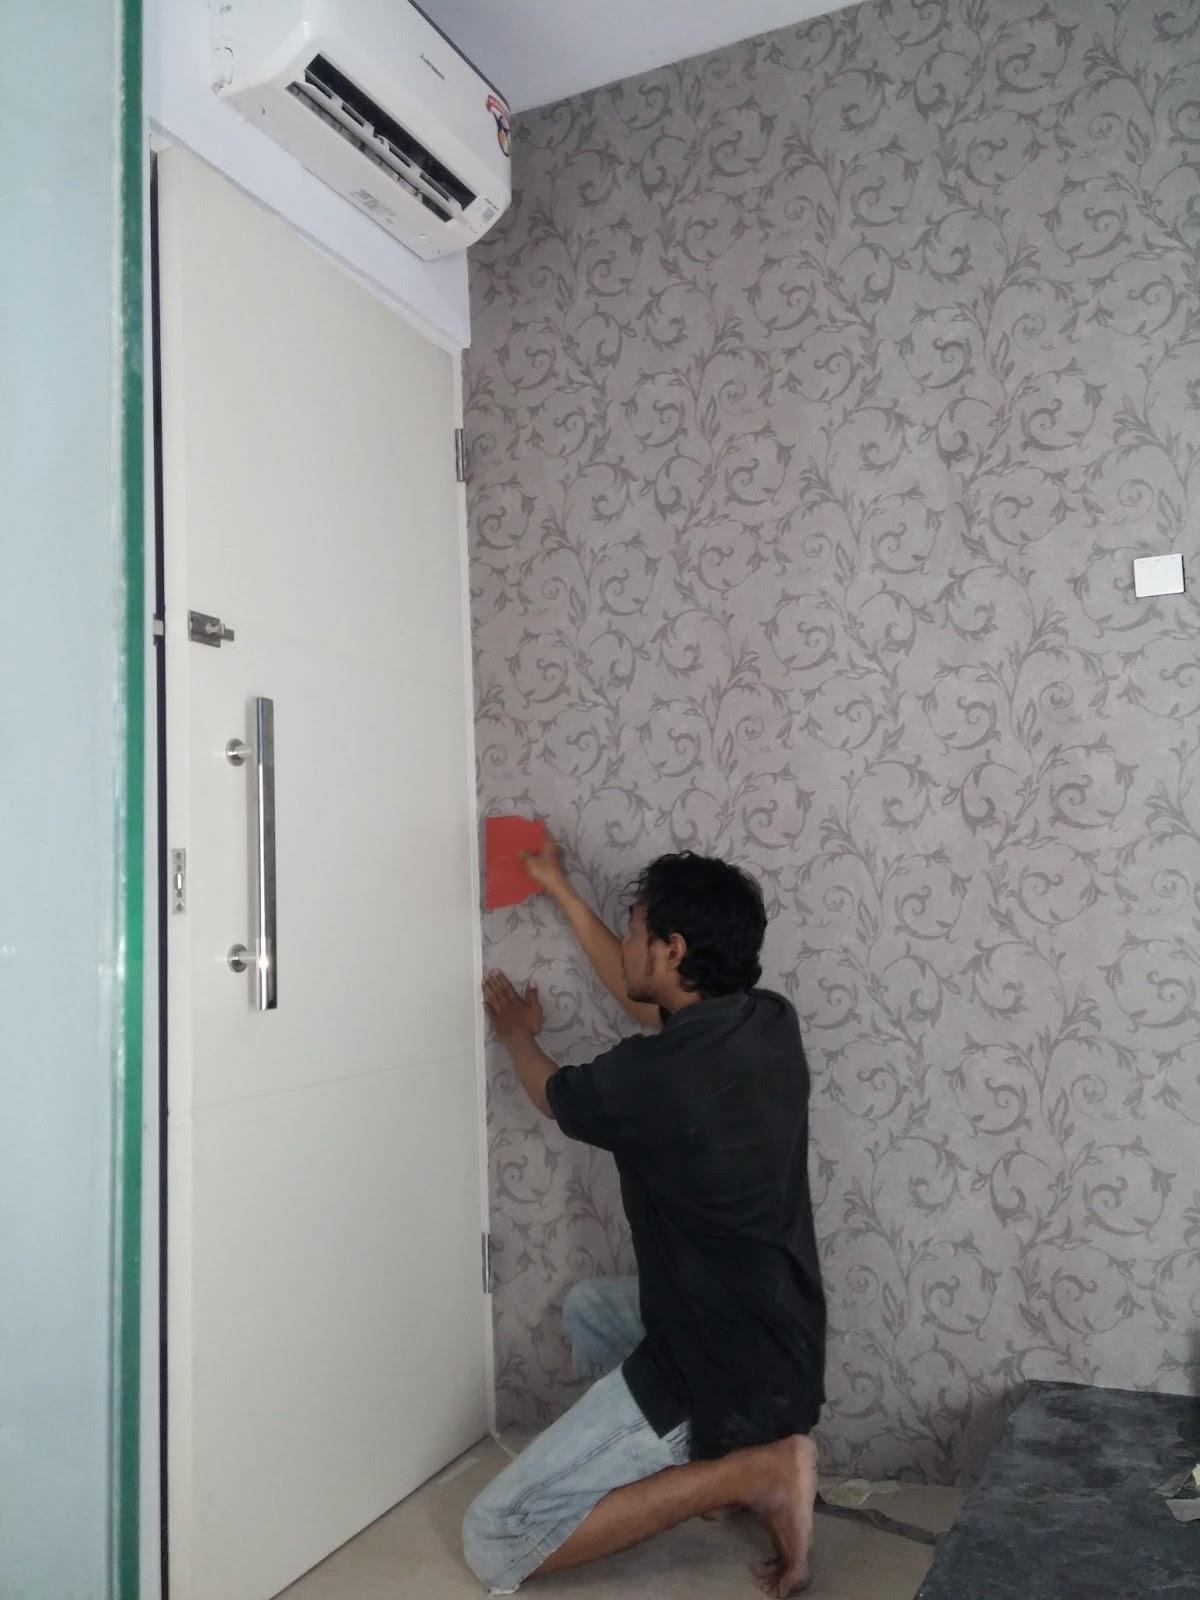 Jasa Tukang Pasang Wallpaper Surabaya Tukang Pasang Wallpaper Surabaya